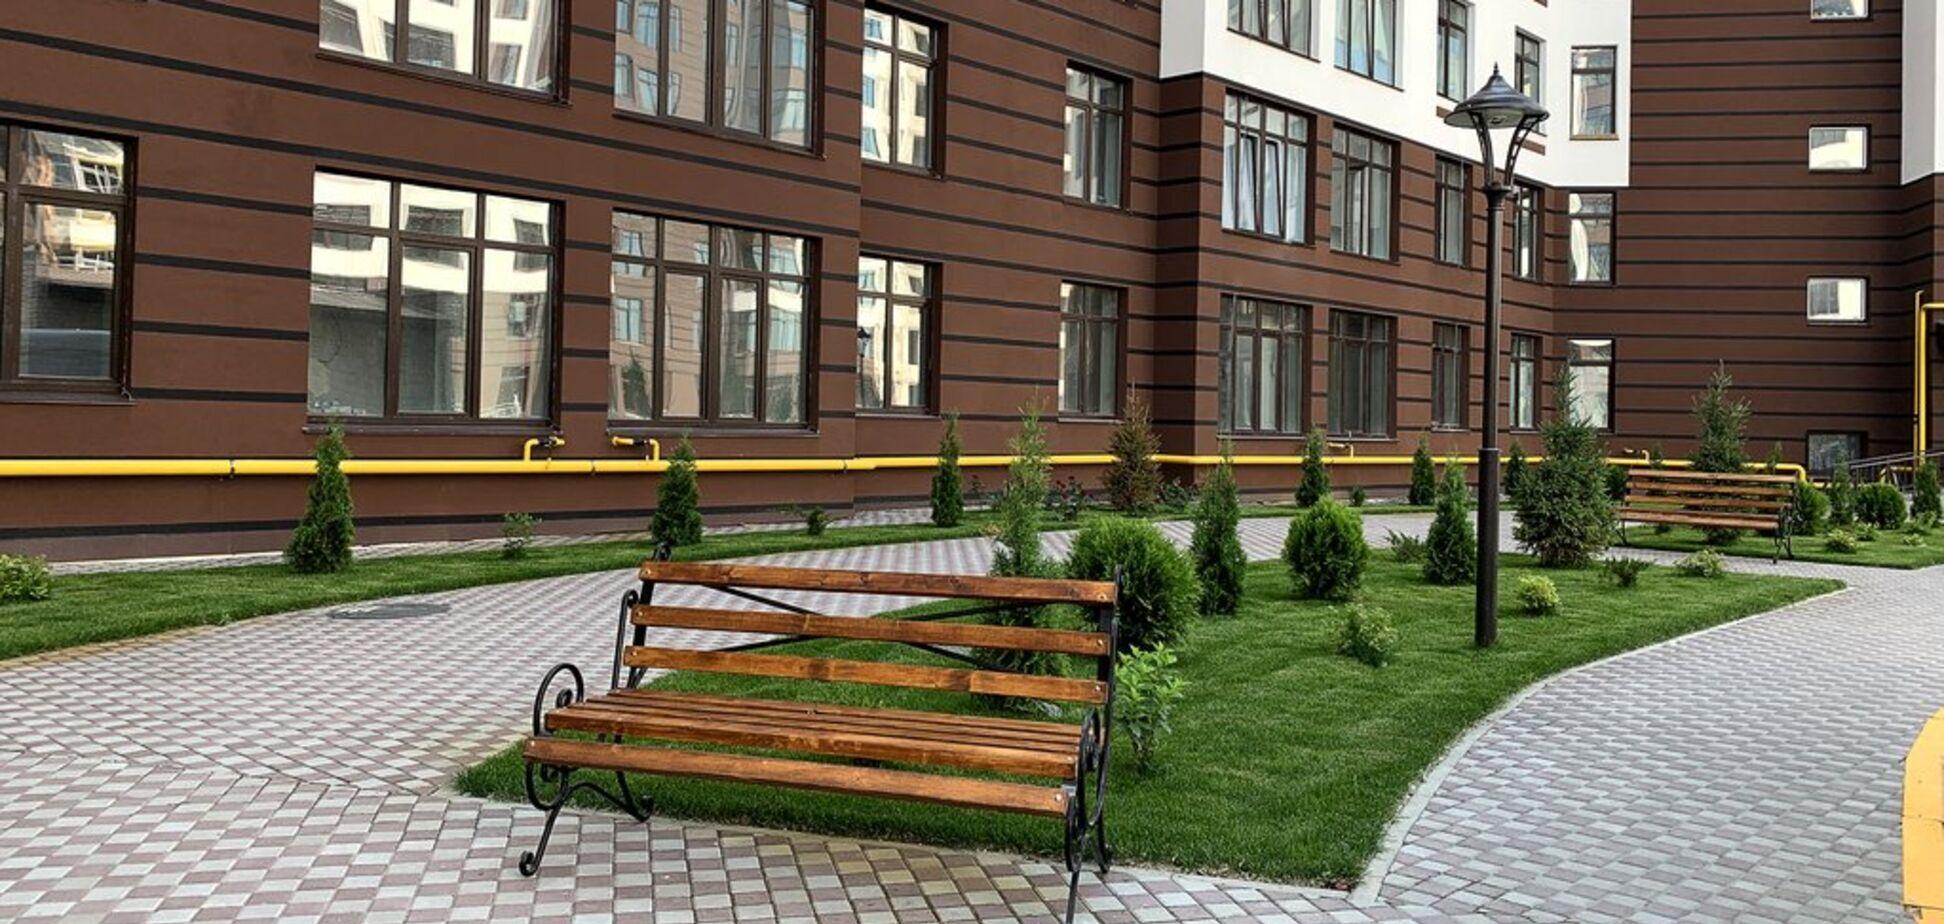 Утверждено решение по вводу в эксплуатацию ЖК 'Пражский квартал - 2'